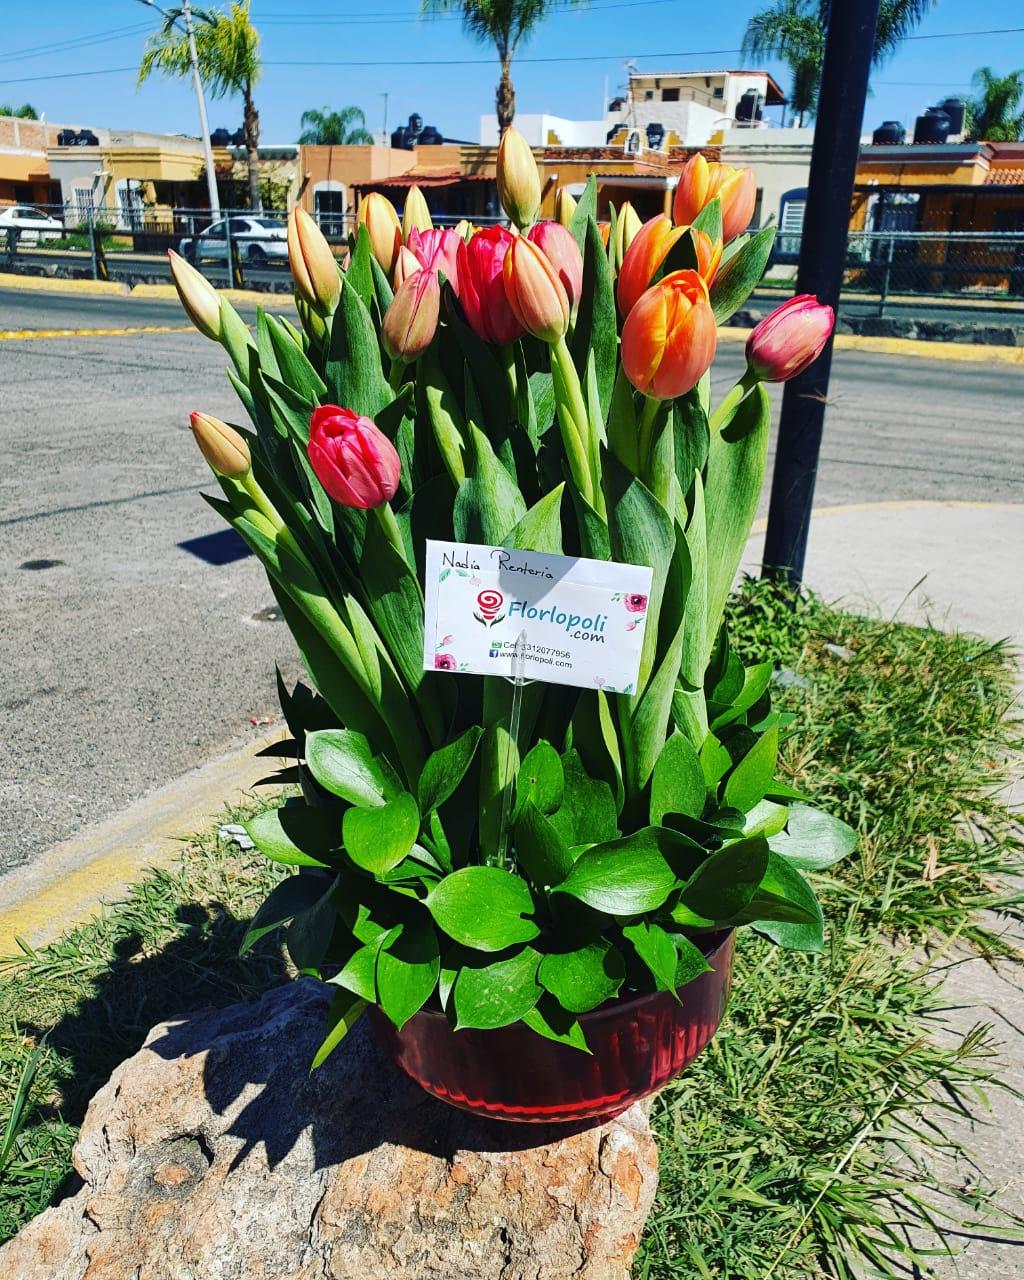 Diseño de tulipanes en florero